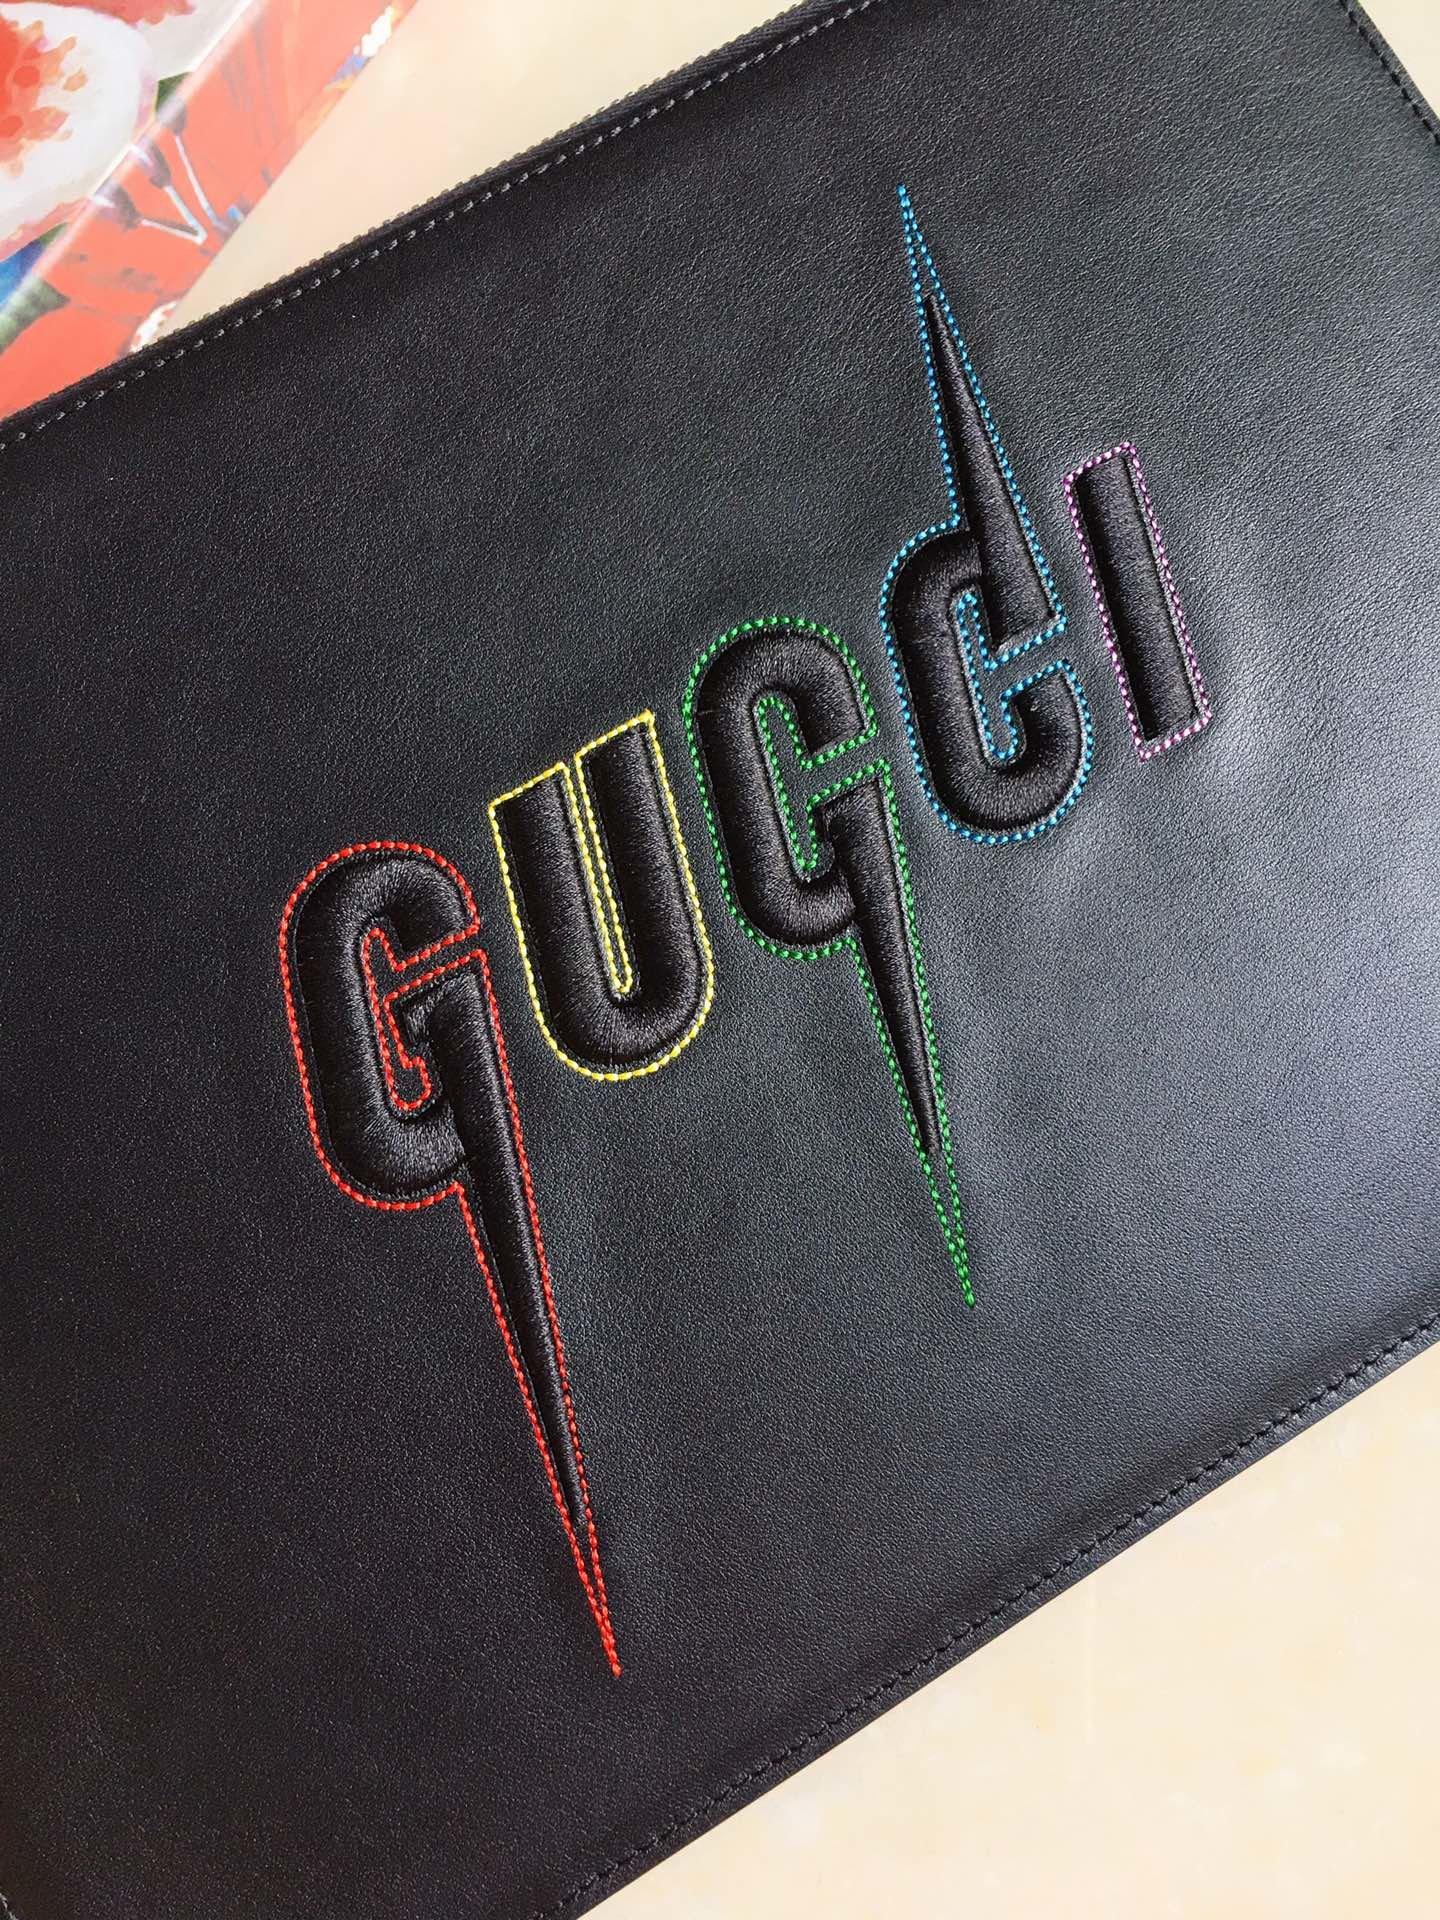 Gucci官网同步更新最新款 光面牛皮手拿包 摩登刺绣(图3)